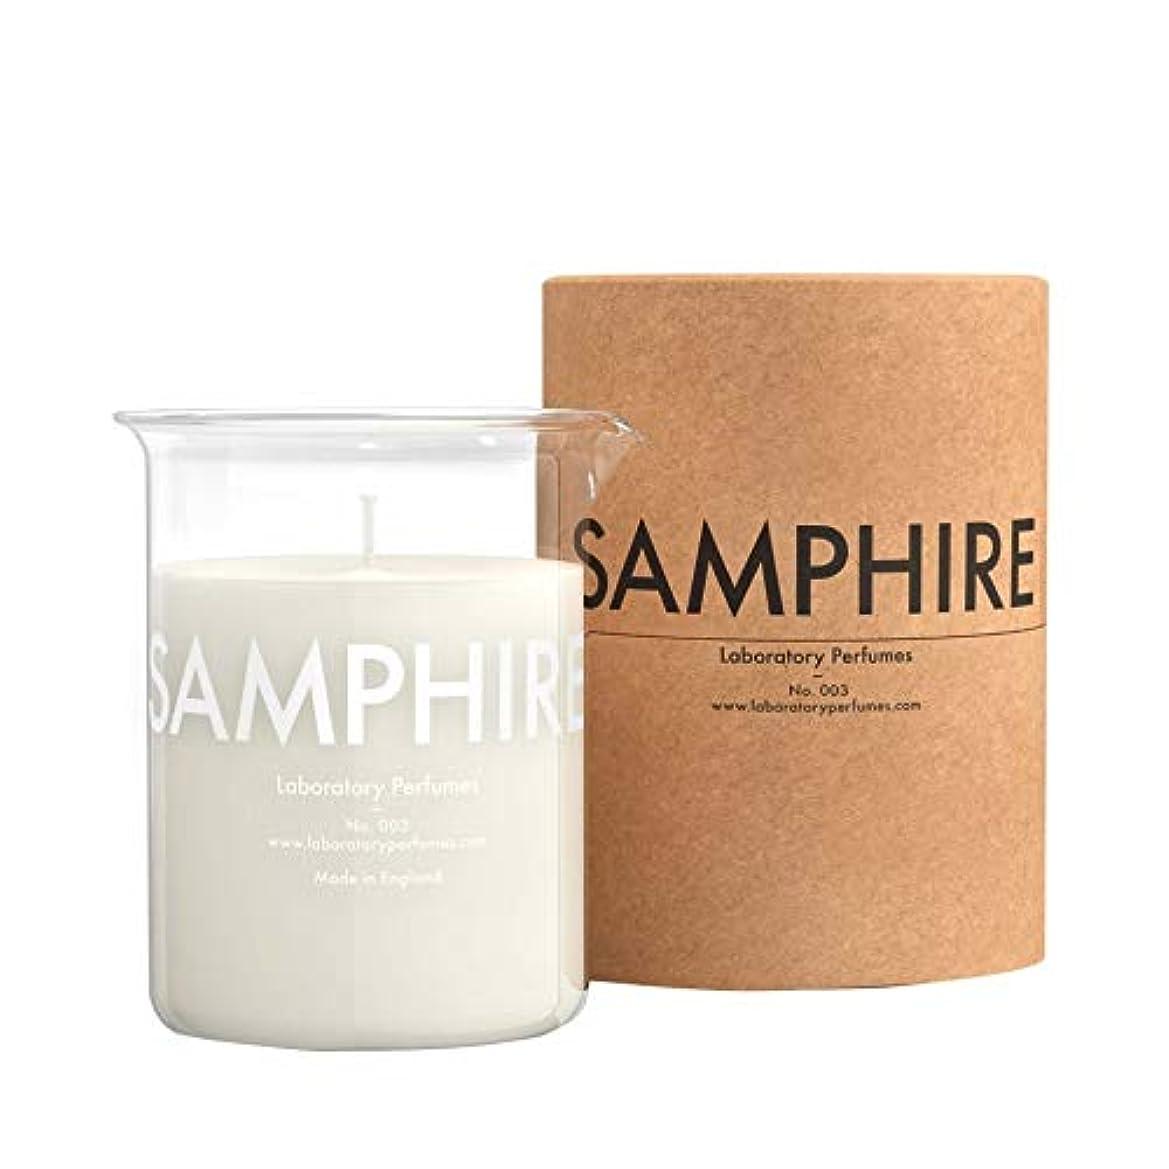 忌避剤他にウィザード[Laboratory Perfumes ] 実験室の香水なし。 033 Samphireフレグランスキャンドル - Laboratory Perfumes No. 033 Samphire Fragranced Candle...